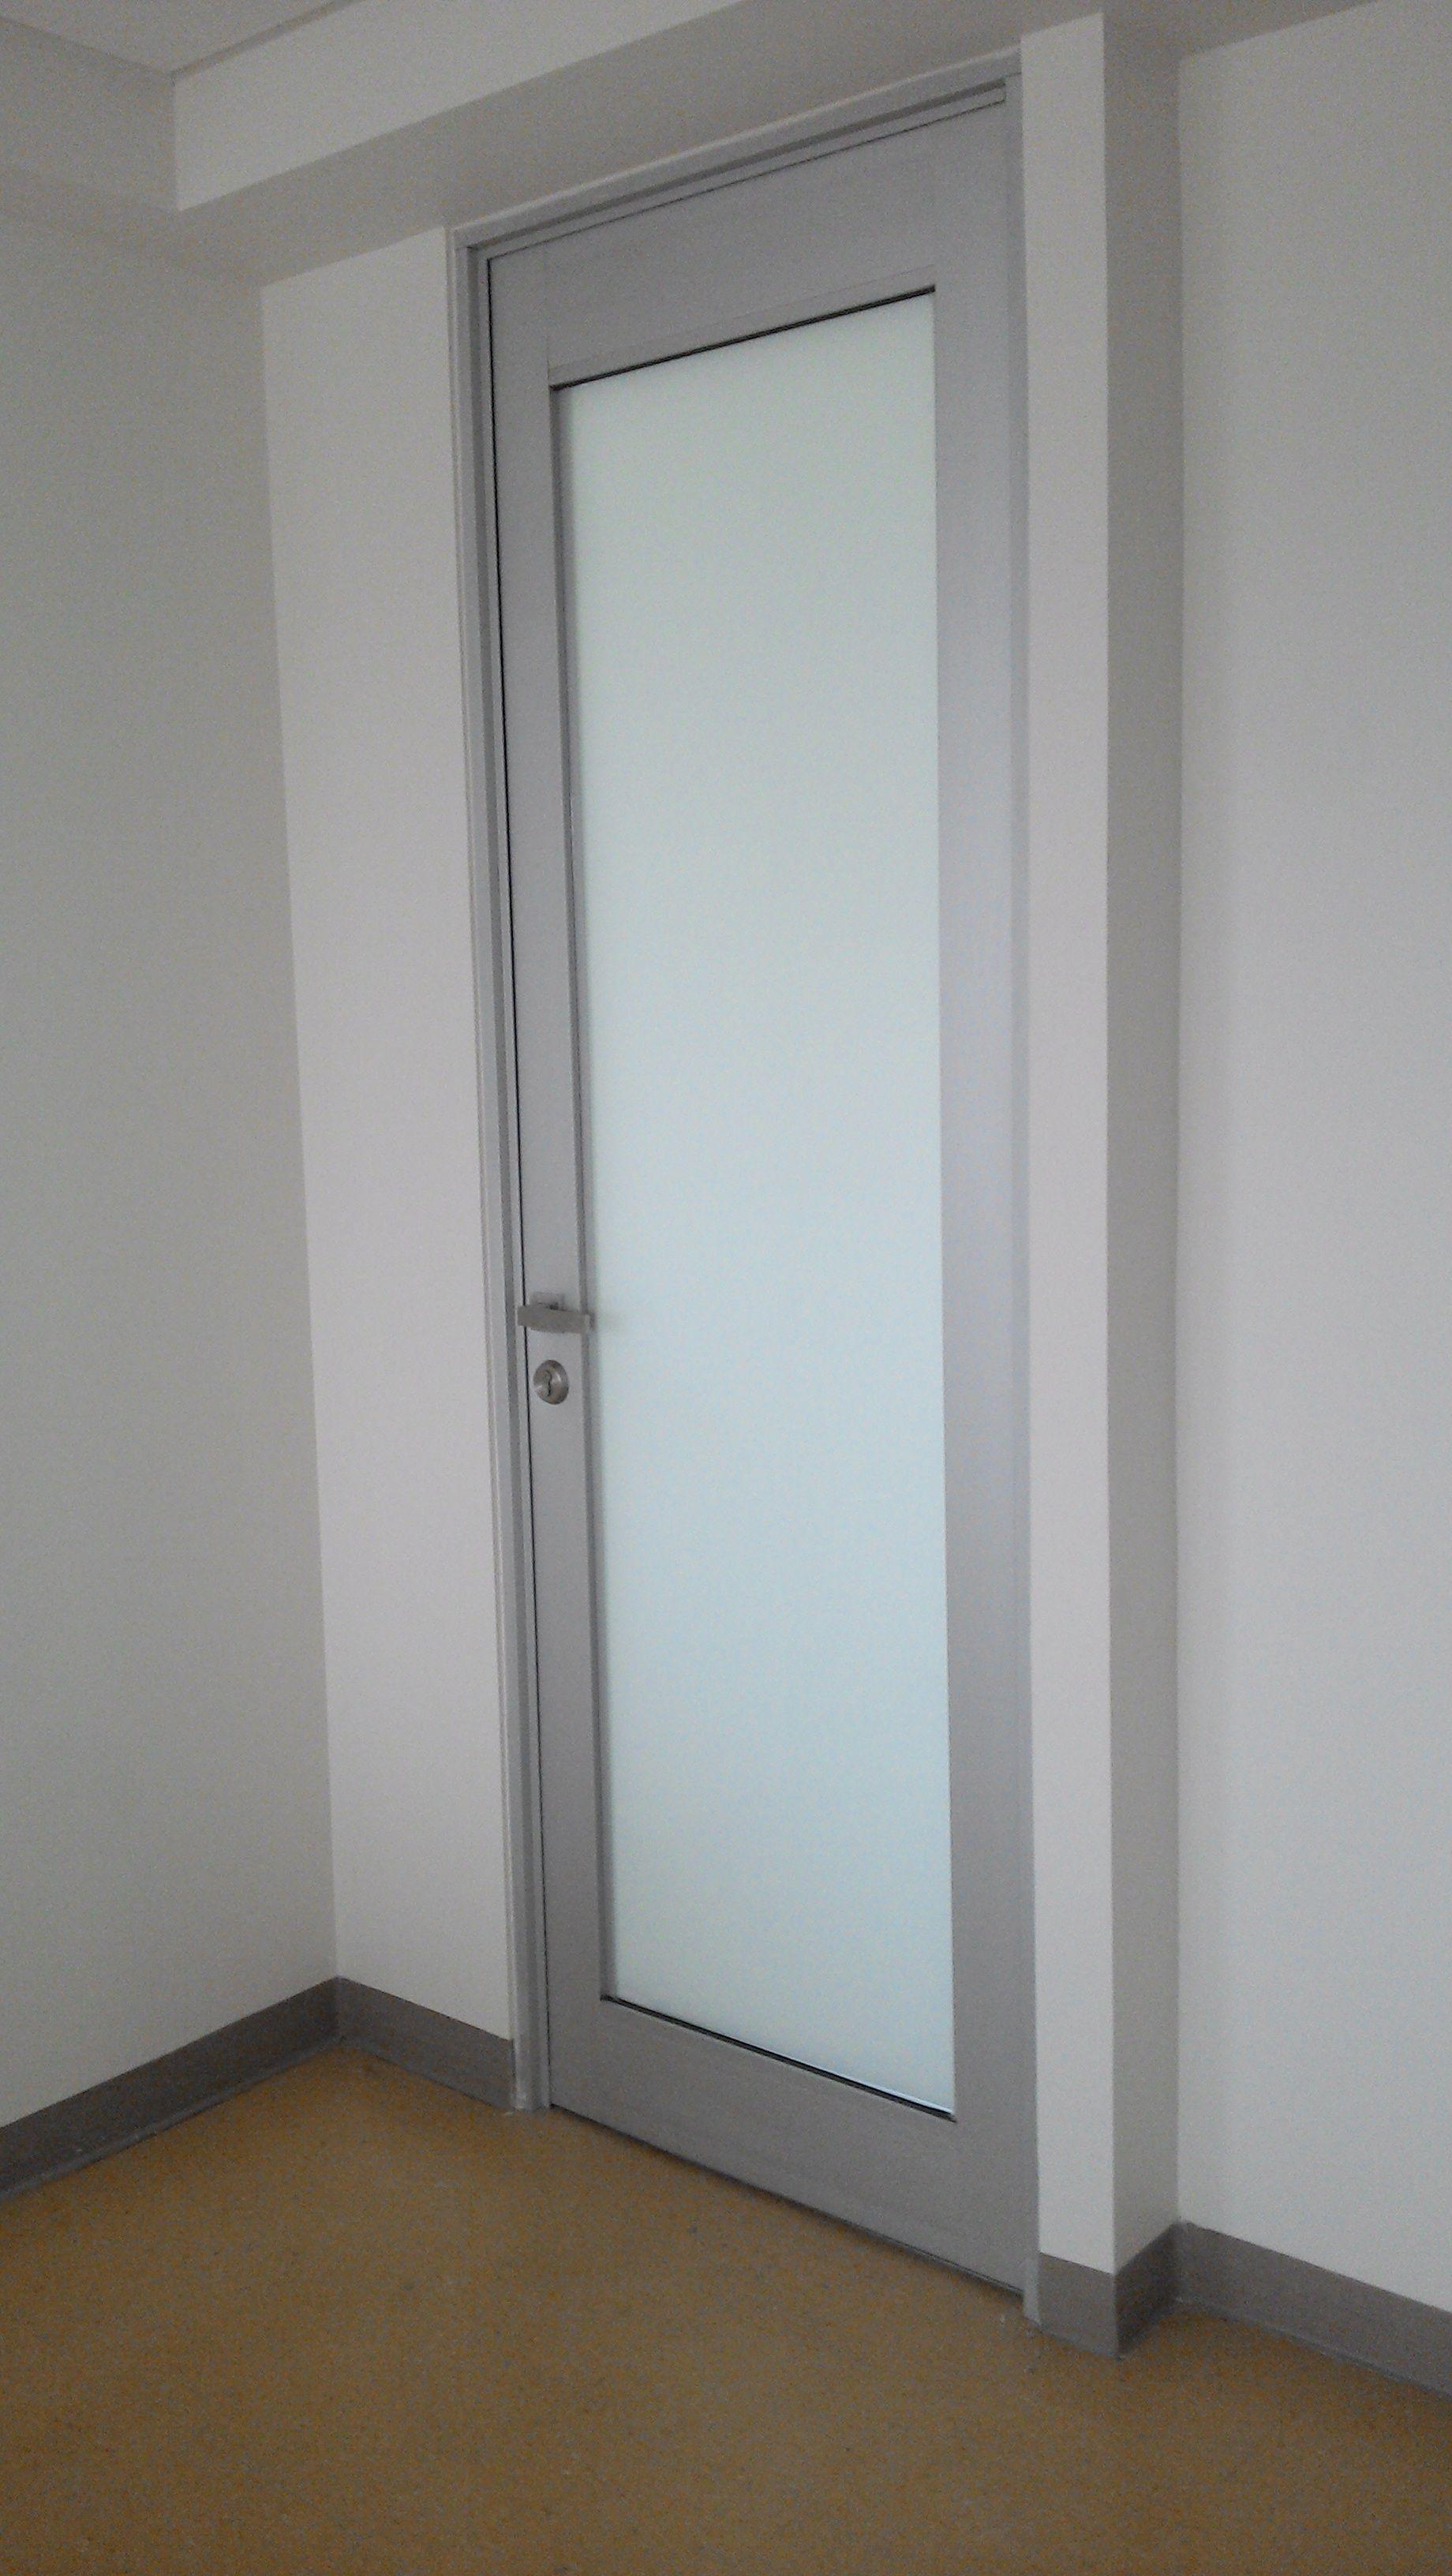 Puerta abatible con perfiles altos chapa de seguridad y - Puerta balconera aluminio ...